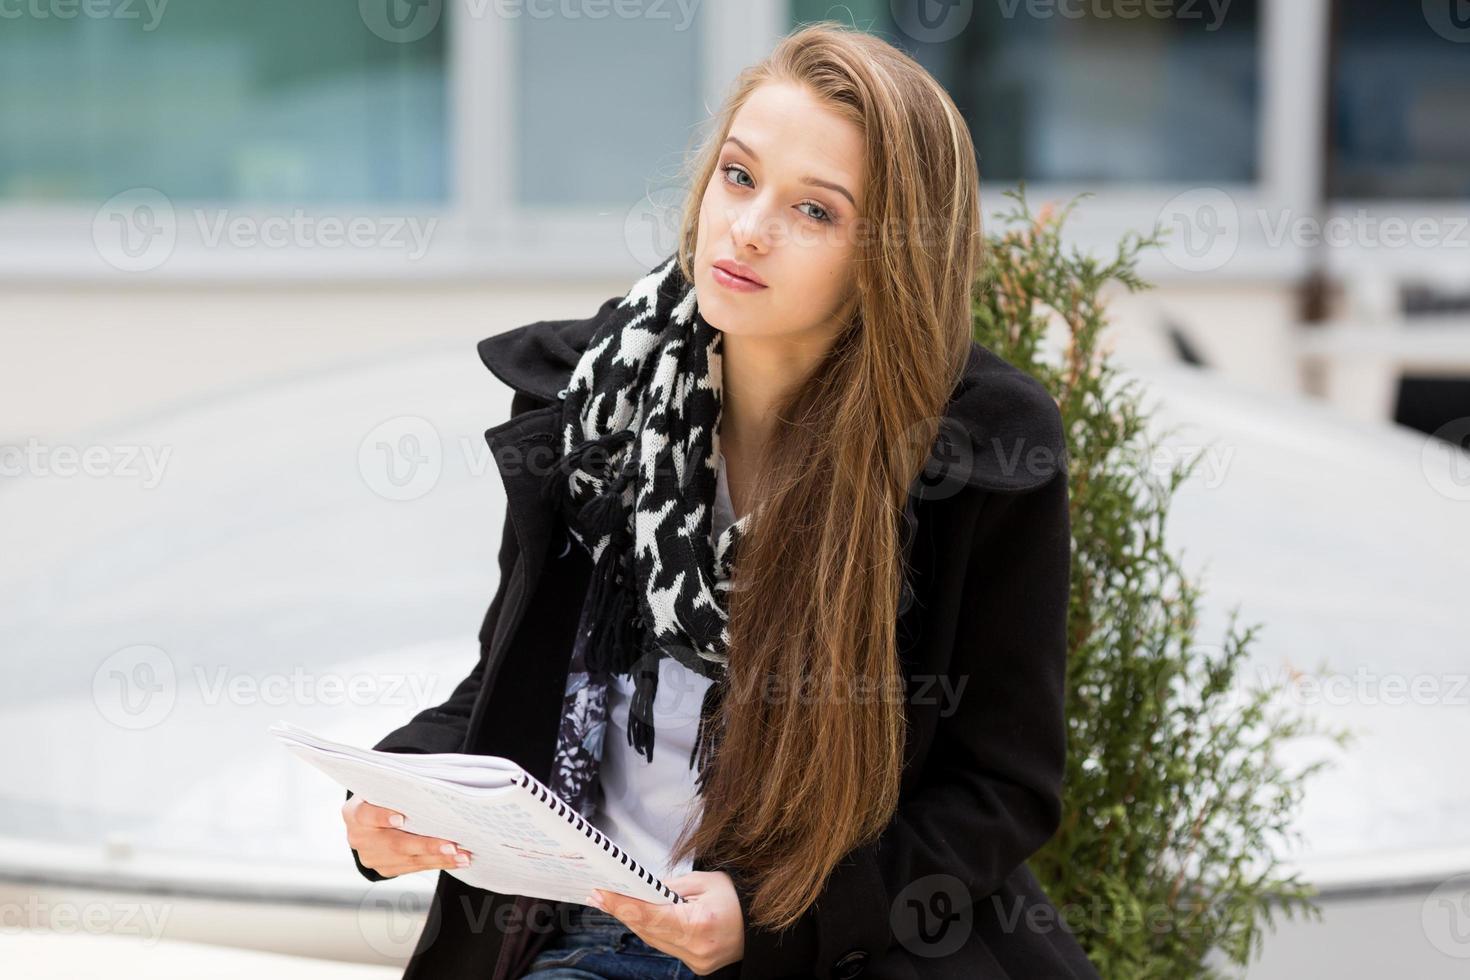 Joven mujer sentada con un libro. foto